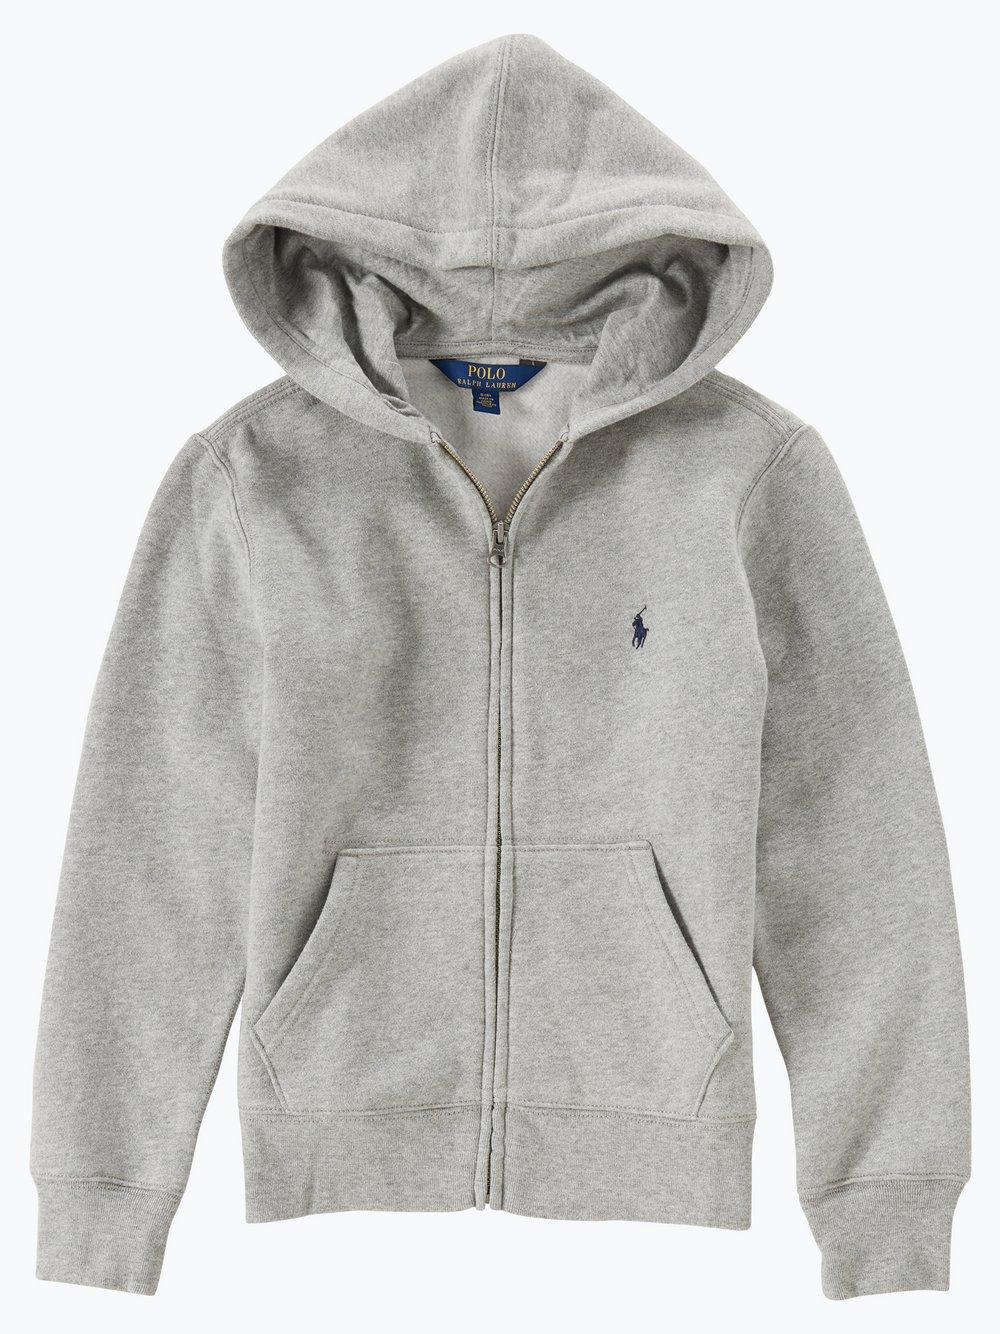 brand new dbed0 0aea7 Polo Ralph Lauren Jungen Sweatjacke online kaufen | VANGRAAF.COM